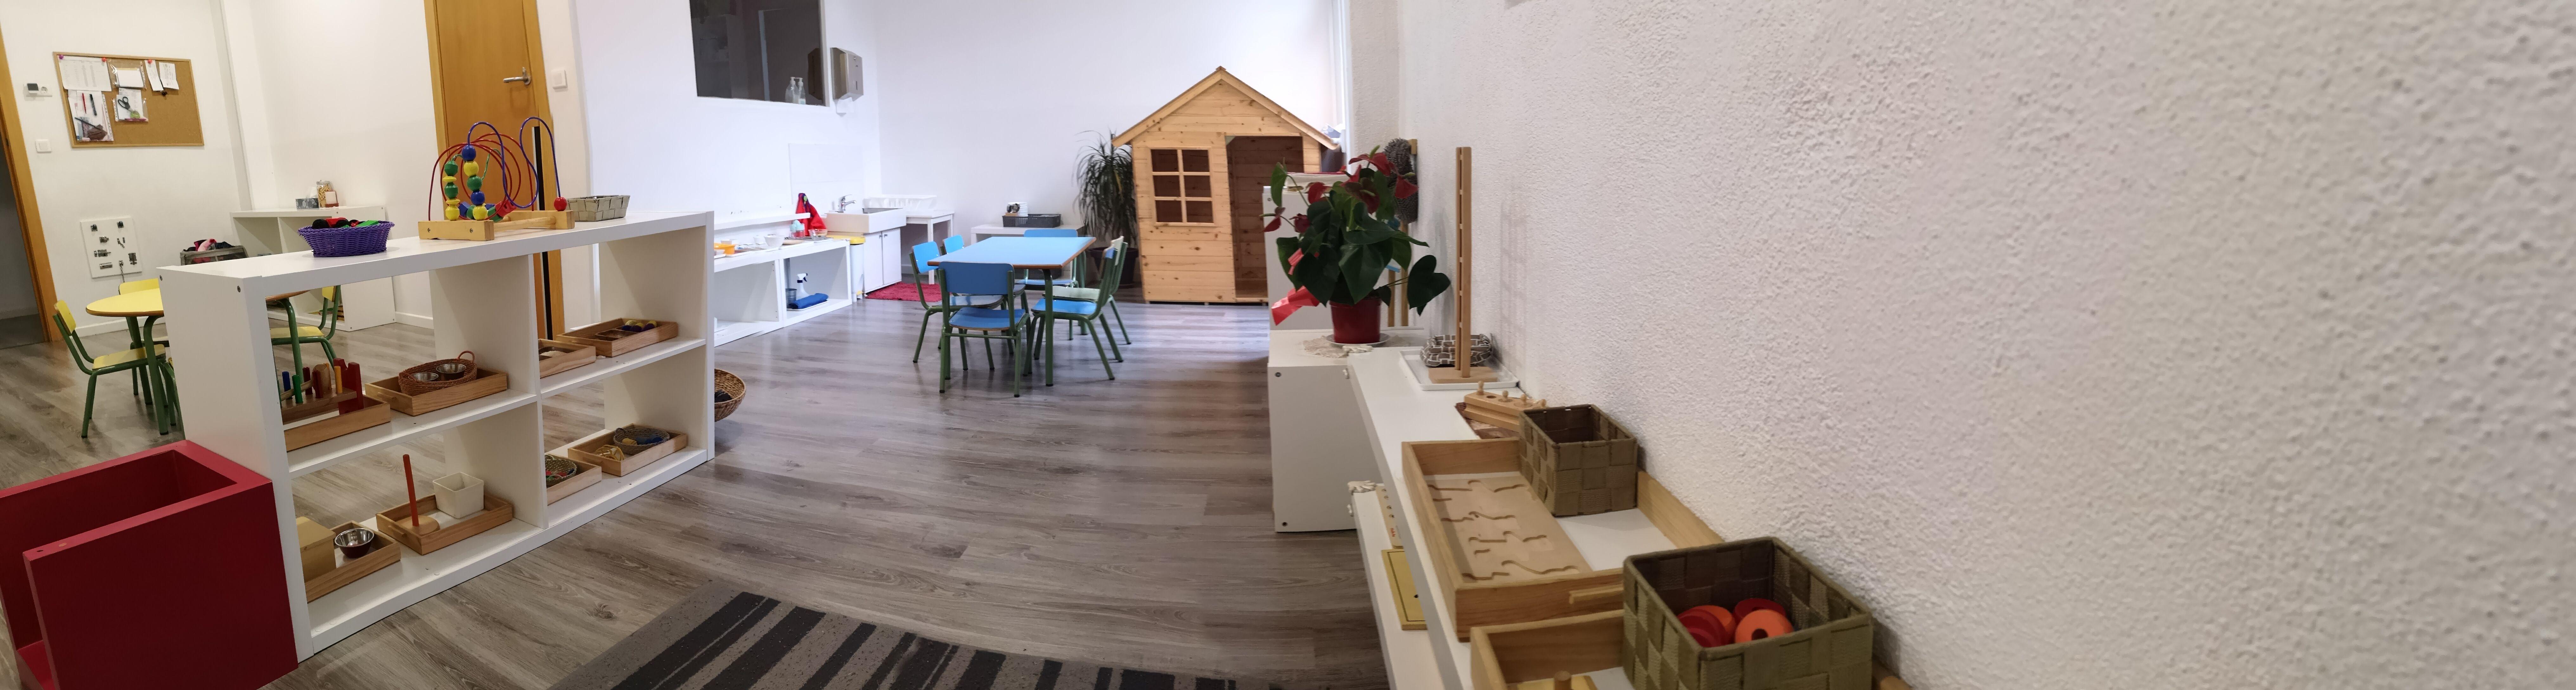 Guardería bilingüe en Ripollet, Barcelona